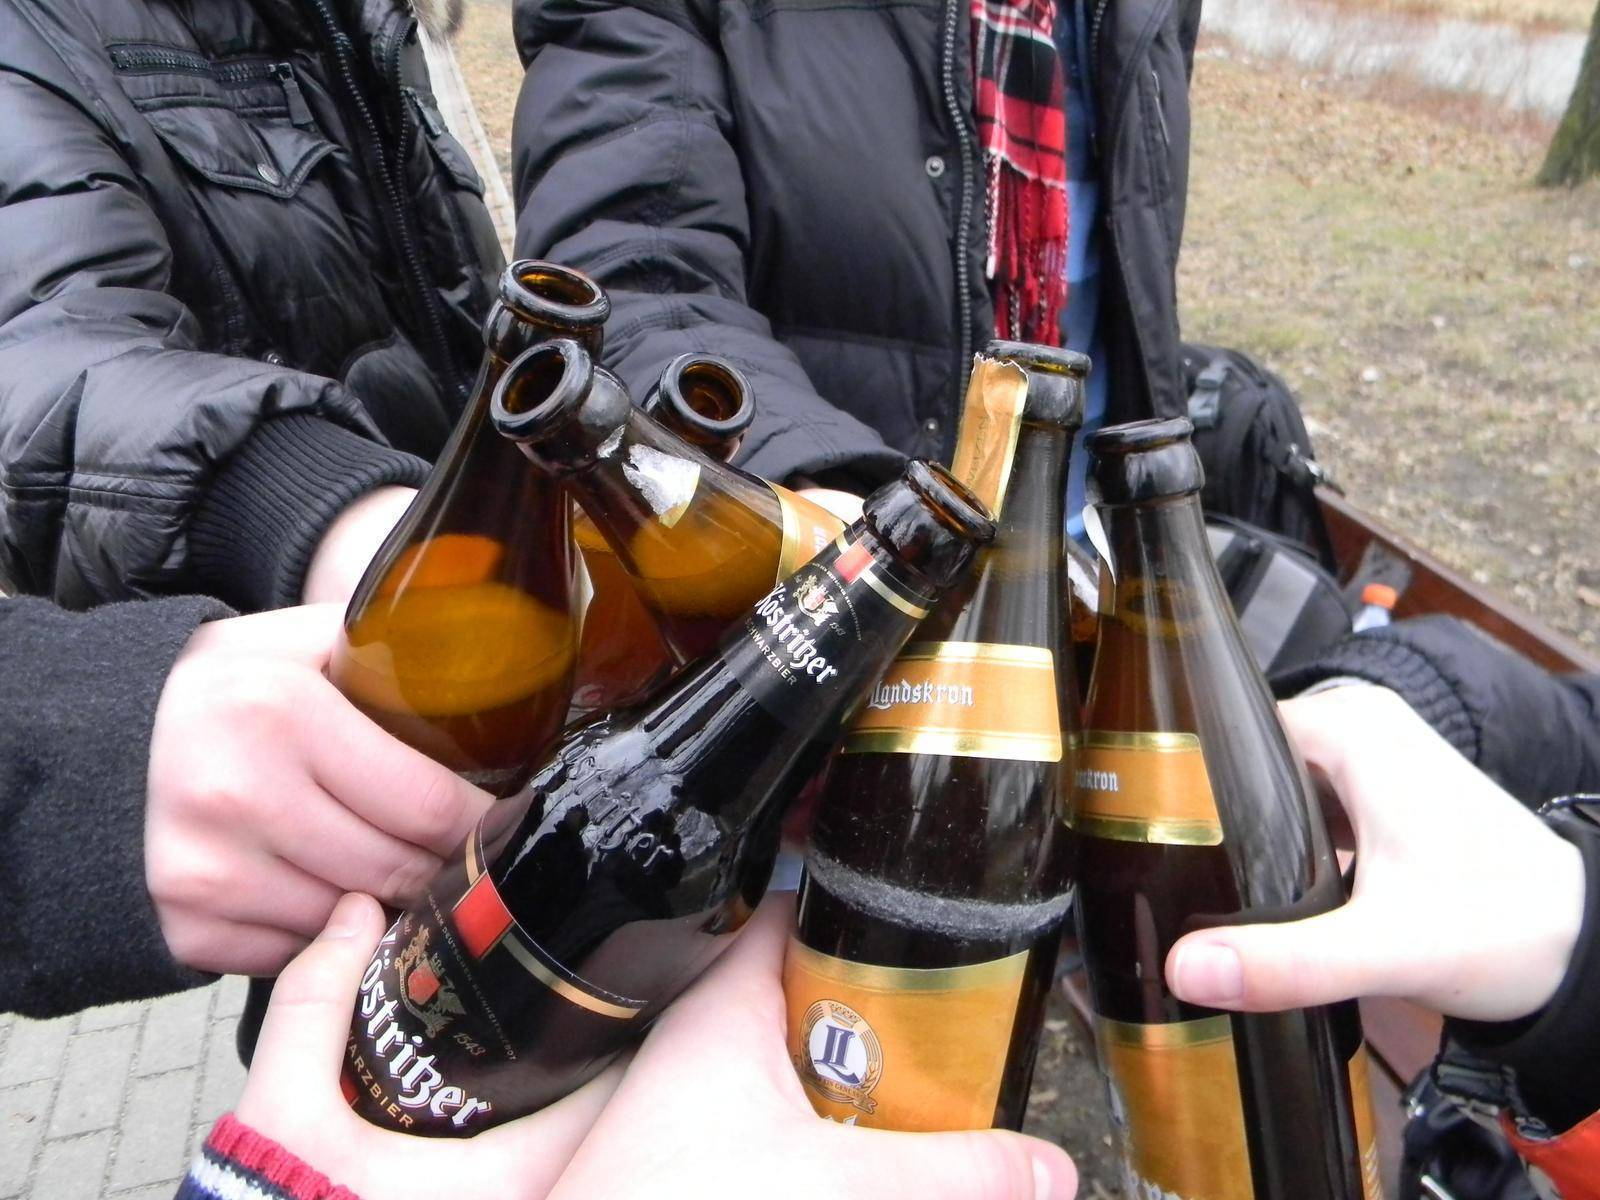 Распитие спиртных напитков в общественных местах: статья и закон